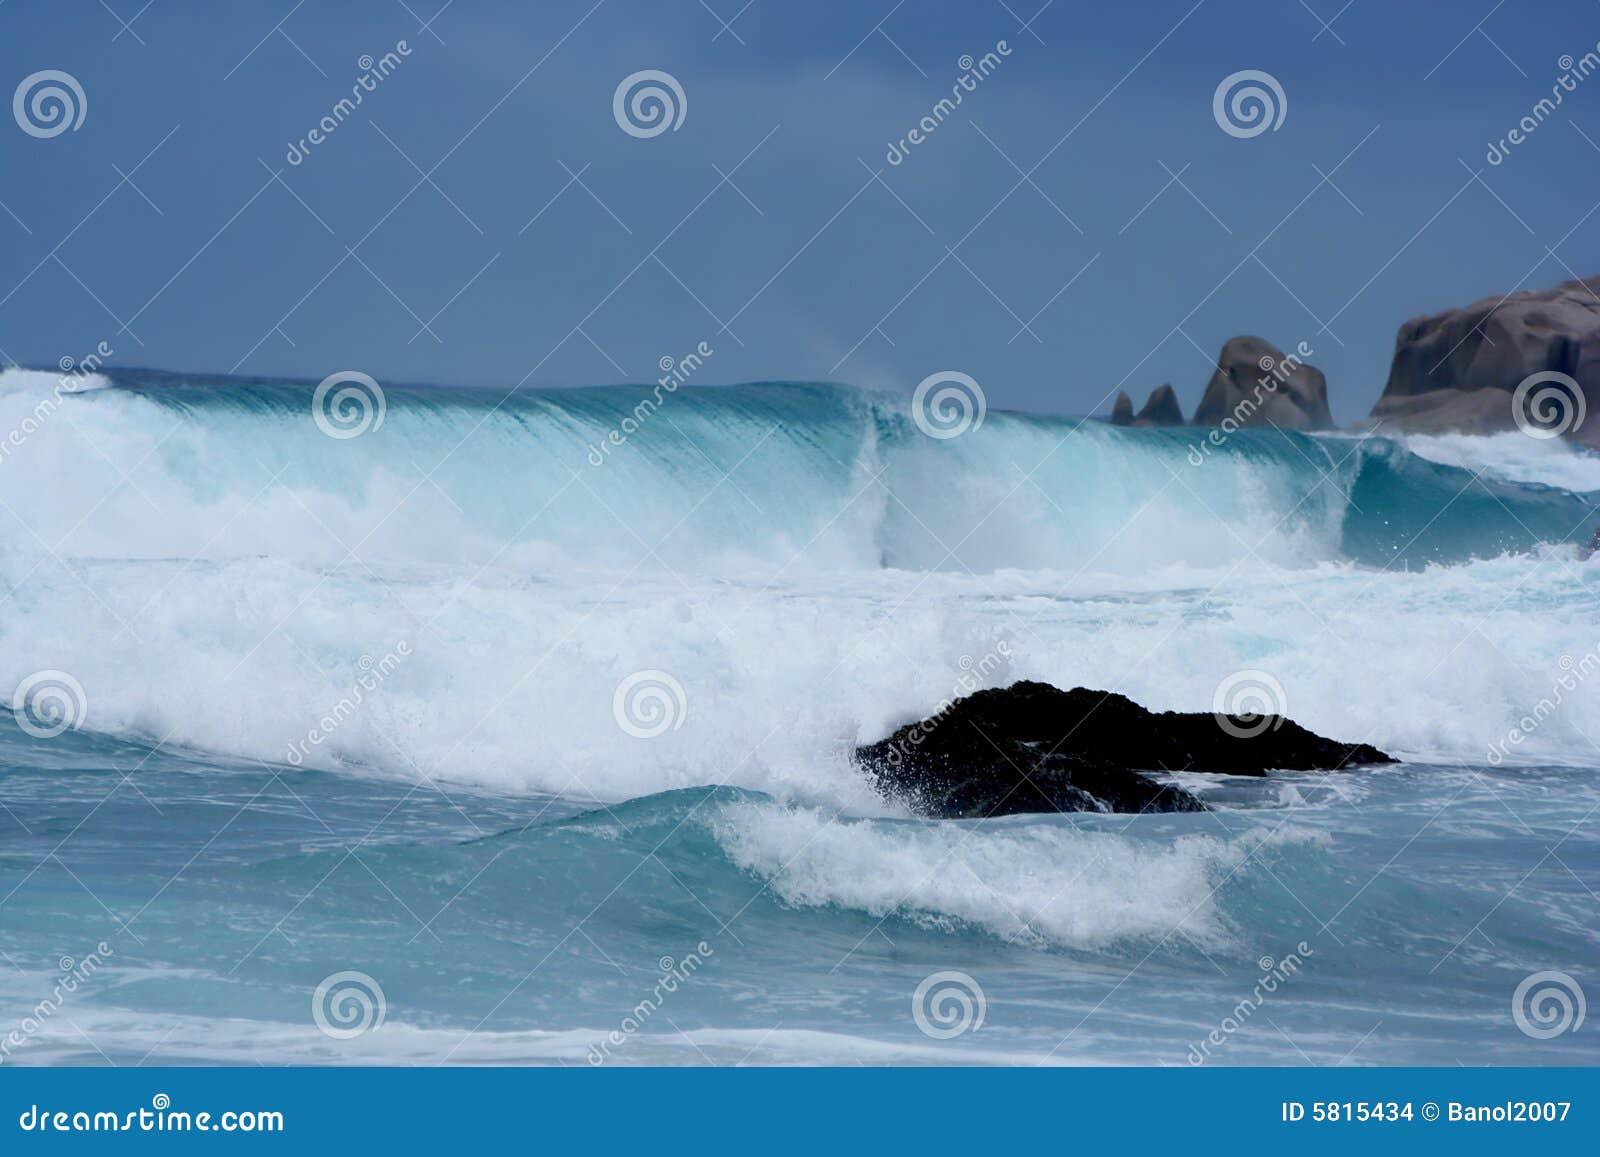 rainstorm  giant waves  tsunami close